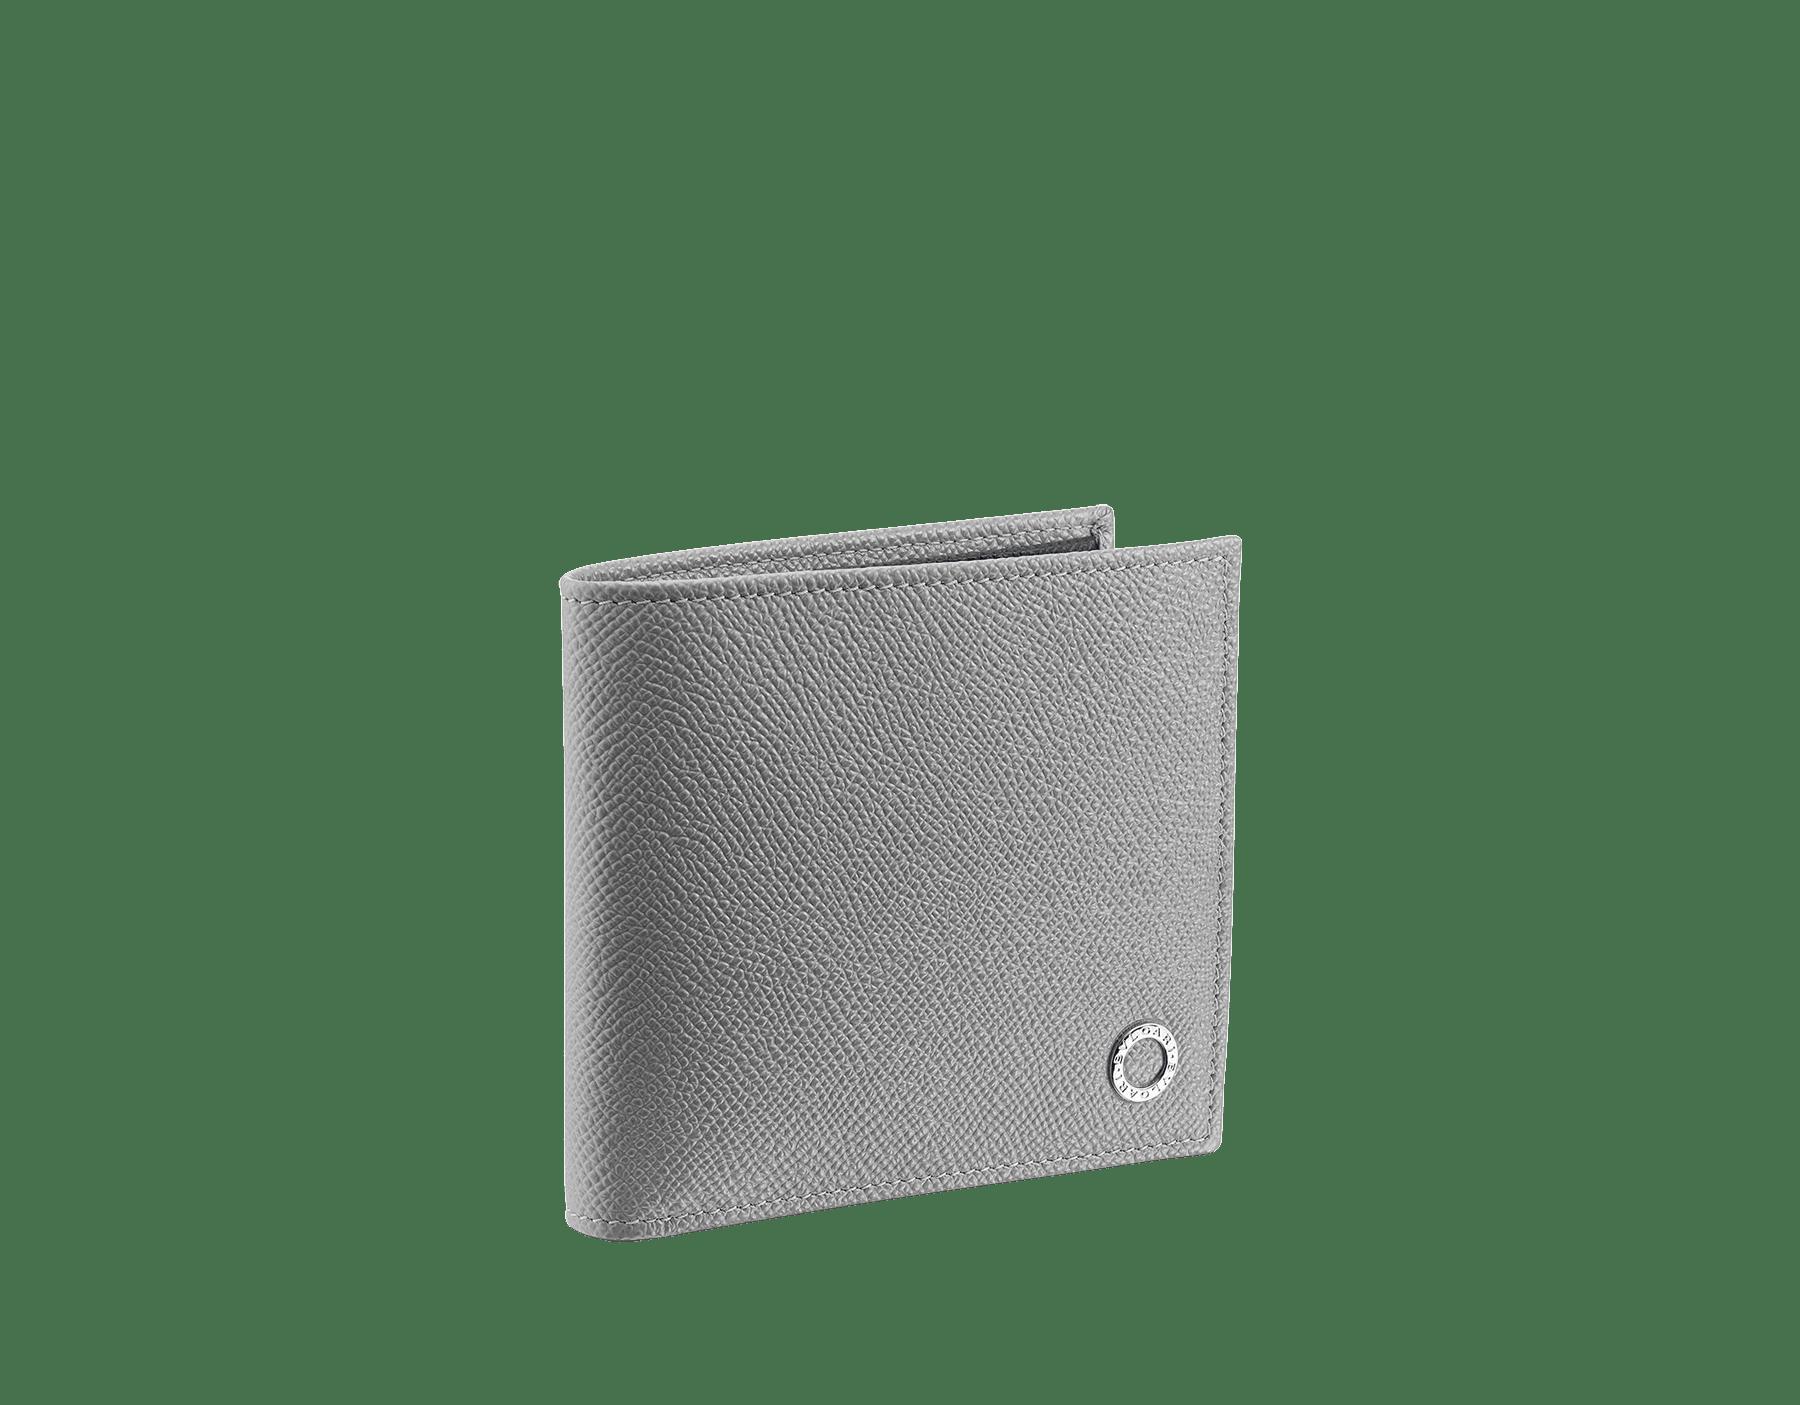 プルートストーングレーとデニムサファイアブルーのグレインカーフレザーを使った「ブルガリ・ブルガリ」メンズコンパクトウォレット。 パラジウムプレートブラス製のアイコニックなロゴの装飾。 BBM-WLT-ITAL-gcl image 1